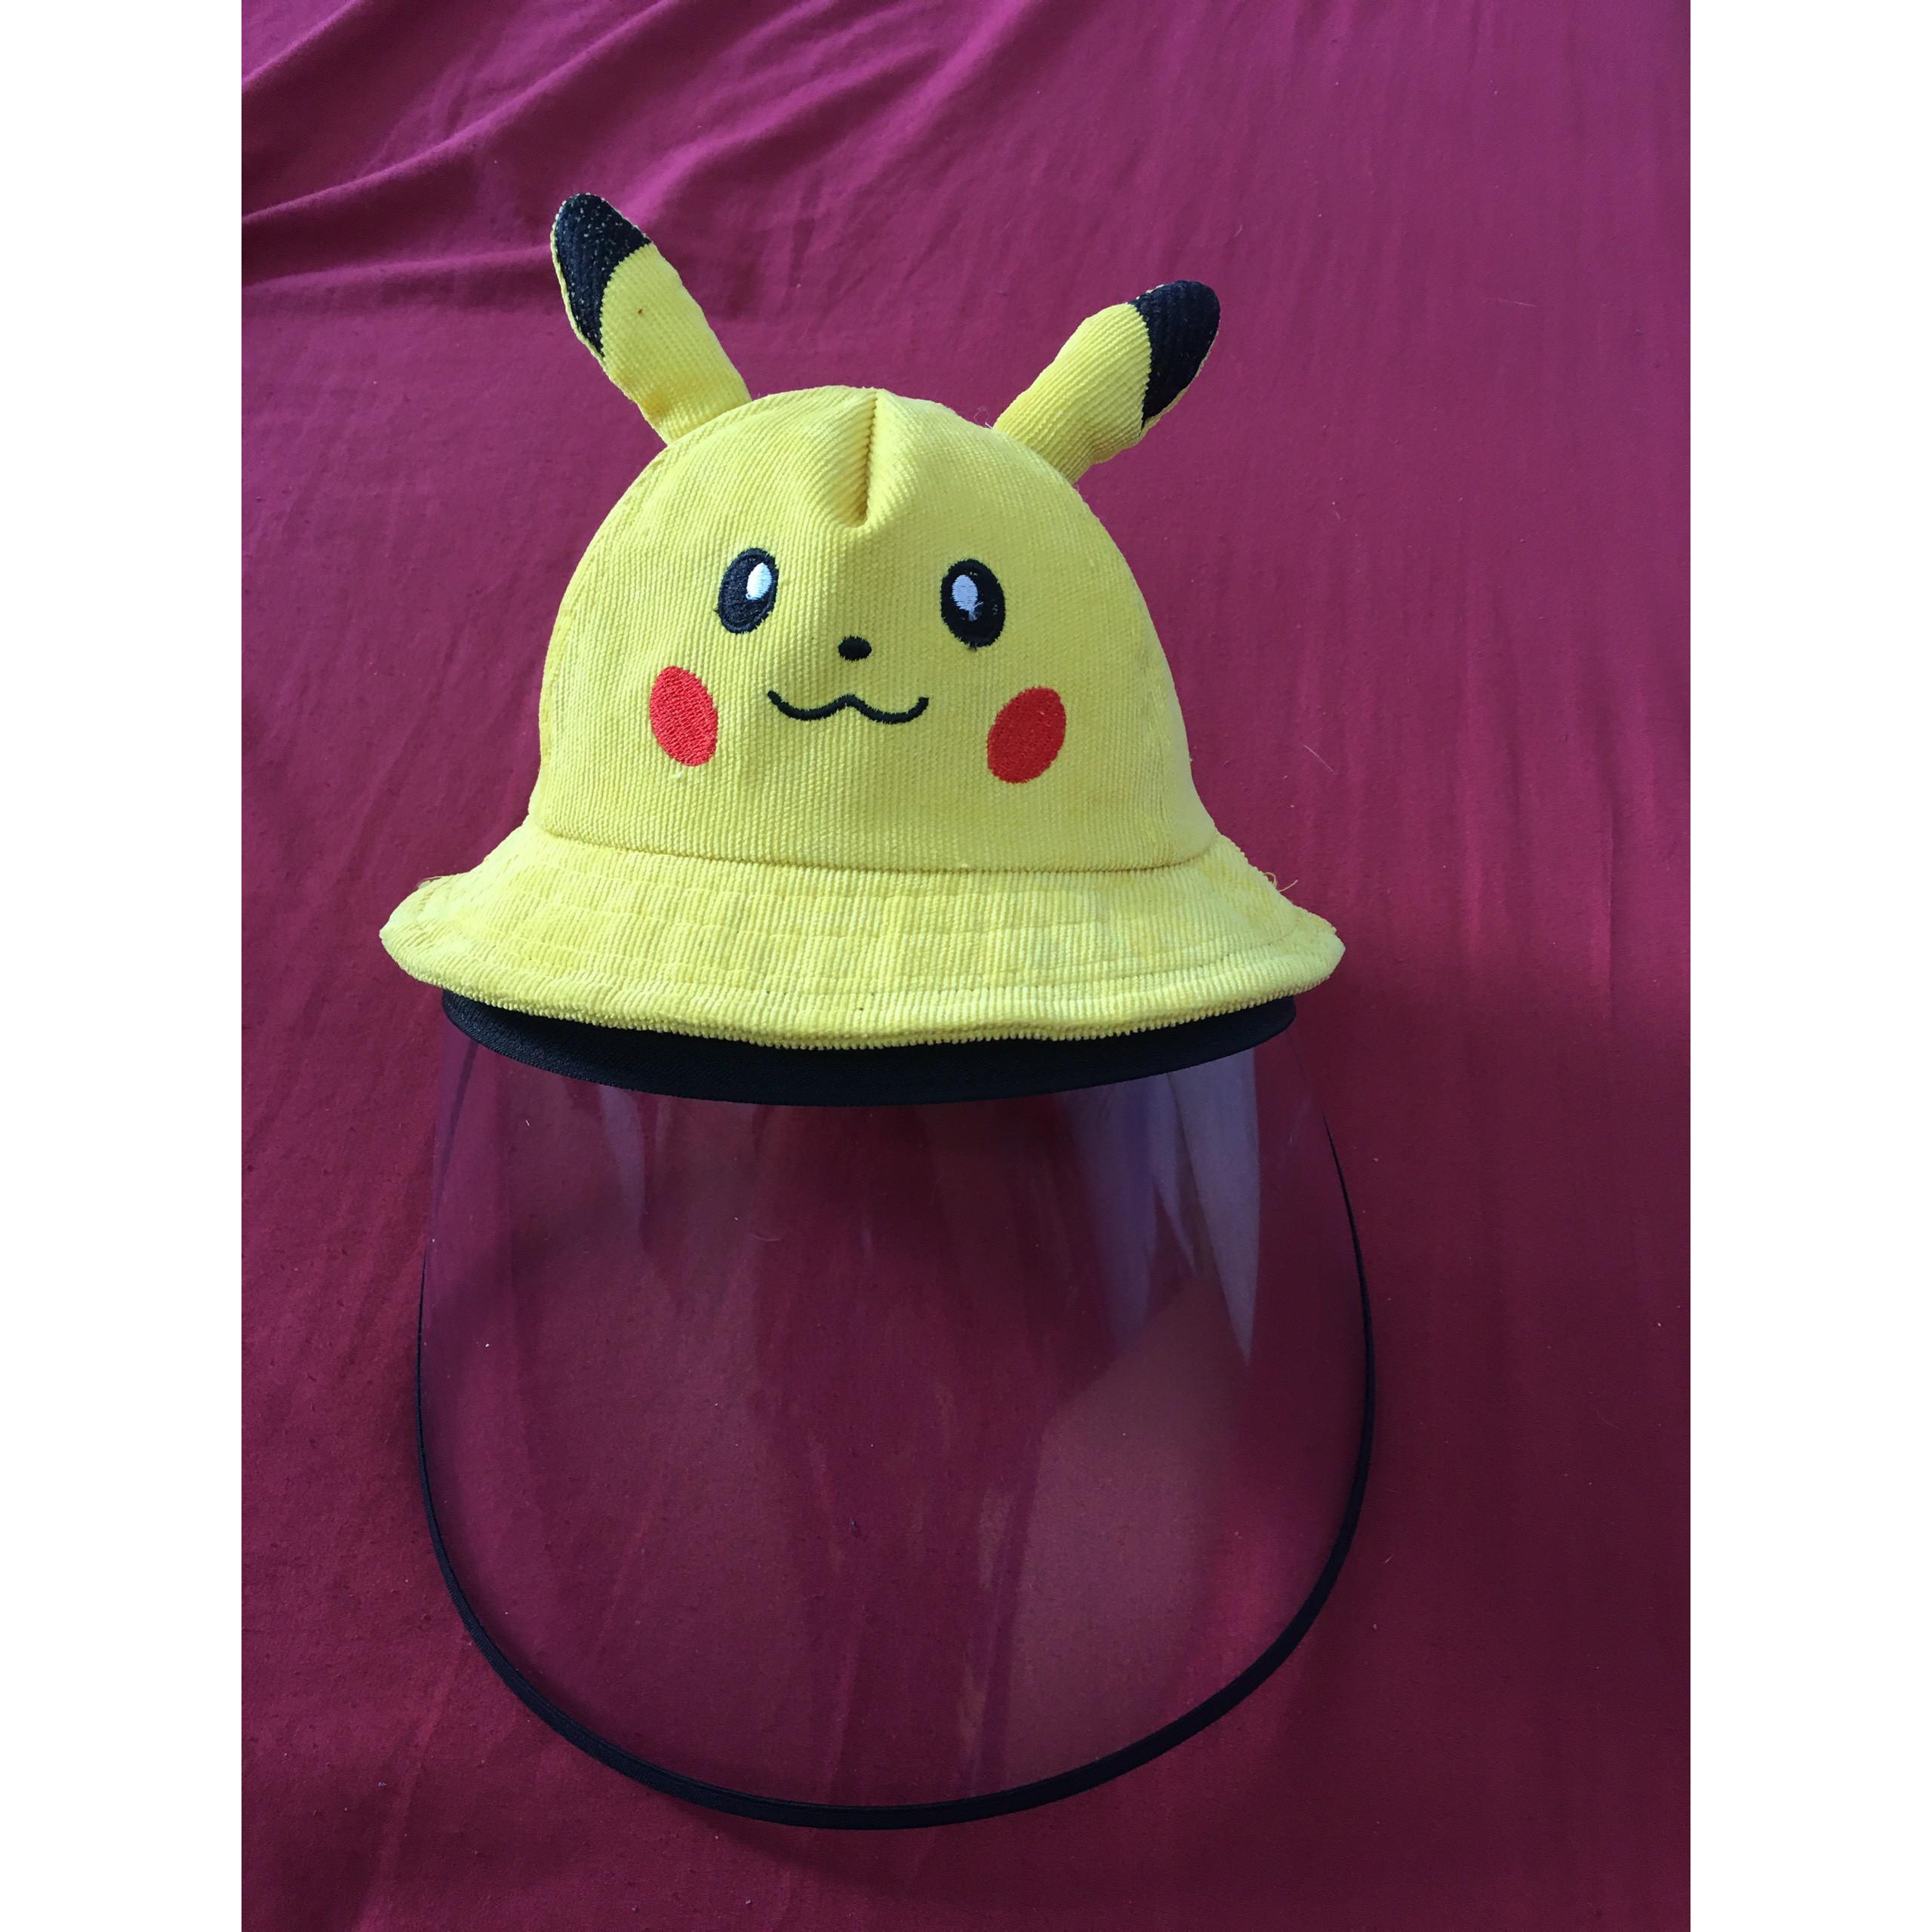 Mũ, nón PIKACHU cho trẻ em có tấm kính trong suốt chống dịch, chắn khói bụi CHO BÉ 3-8 tuổi (NHIỀU MÀU)